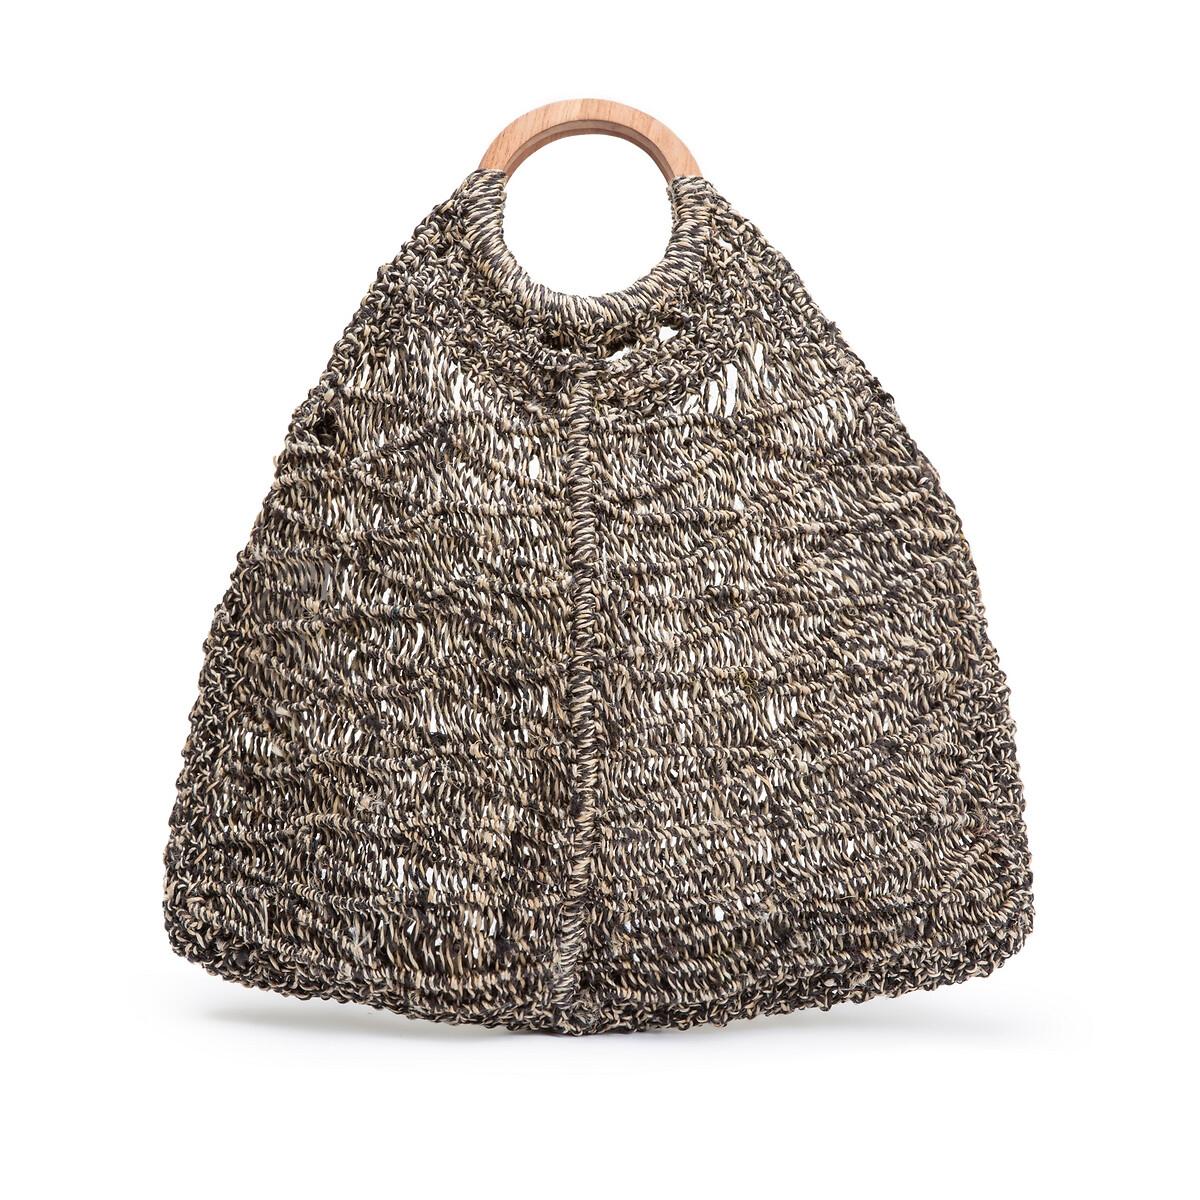 Фото - Сумка-шоппер LaRedoute Из джута AGNES единый размер черный сумка шоппер laredoute из льна с блесками единый размер синий